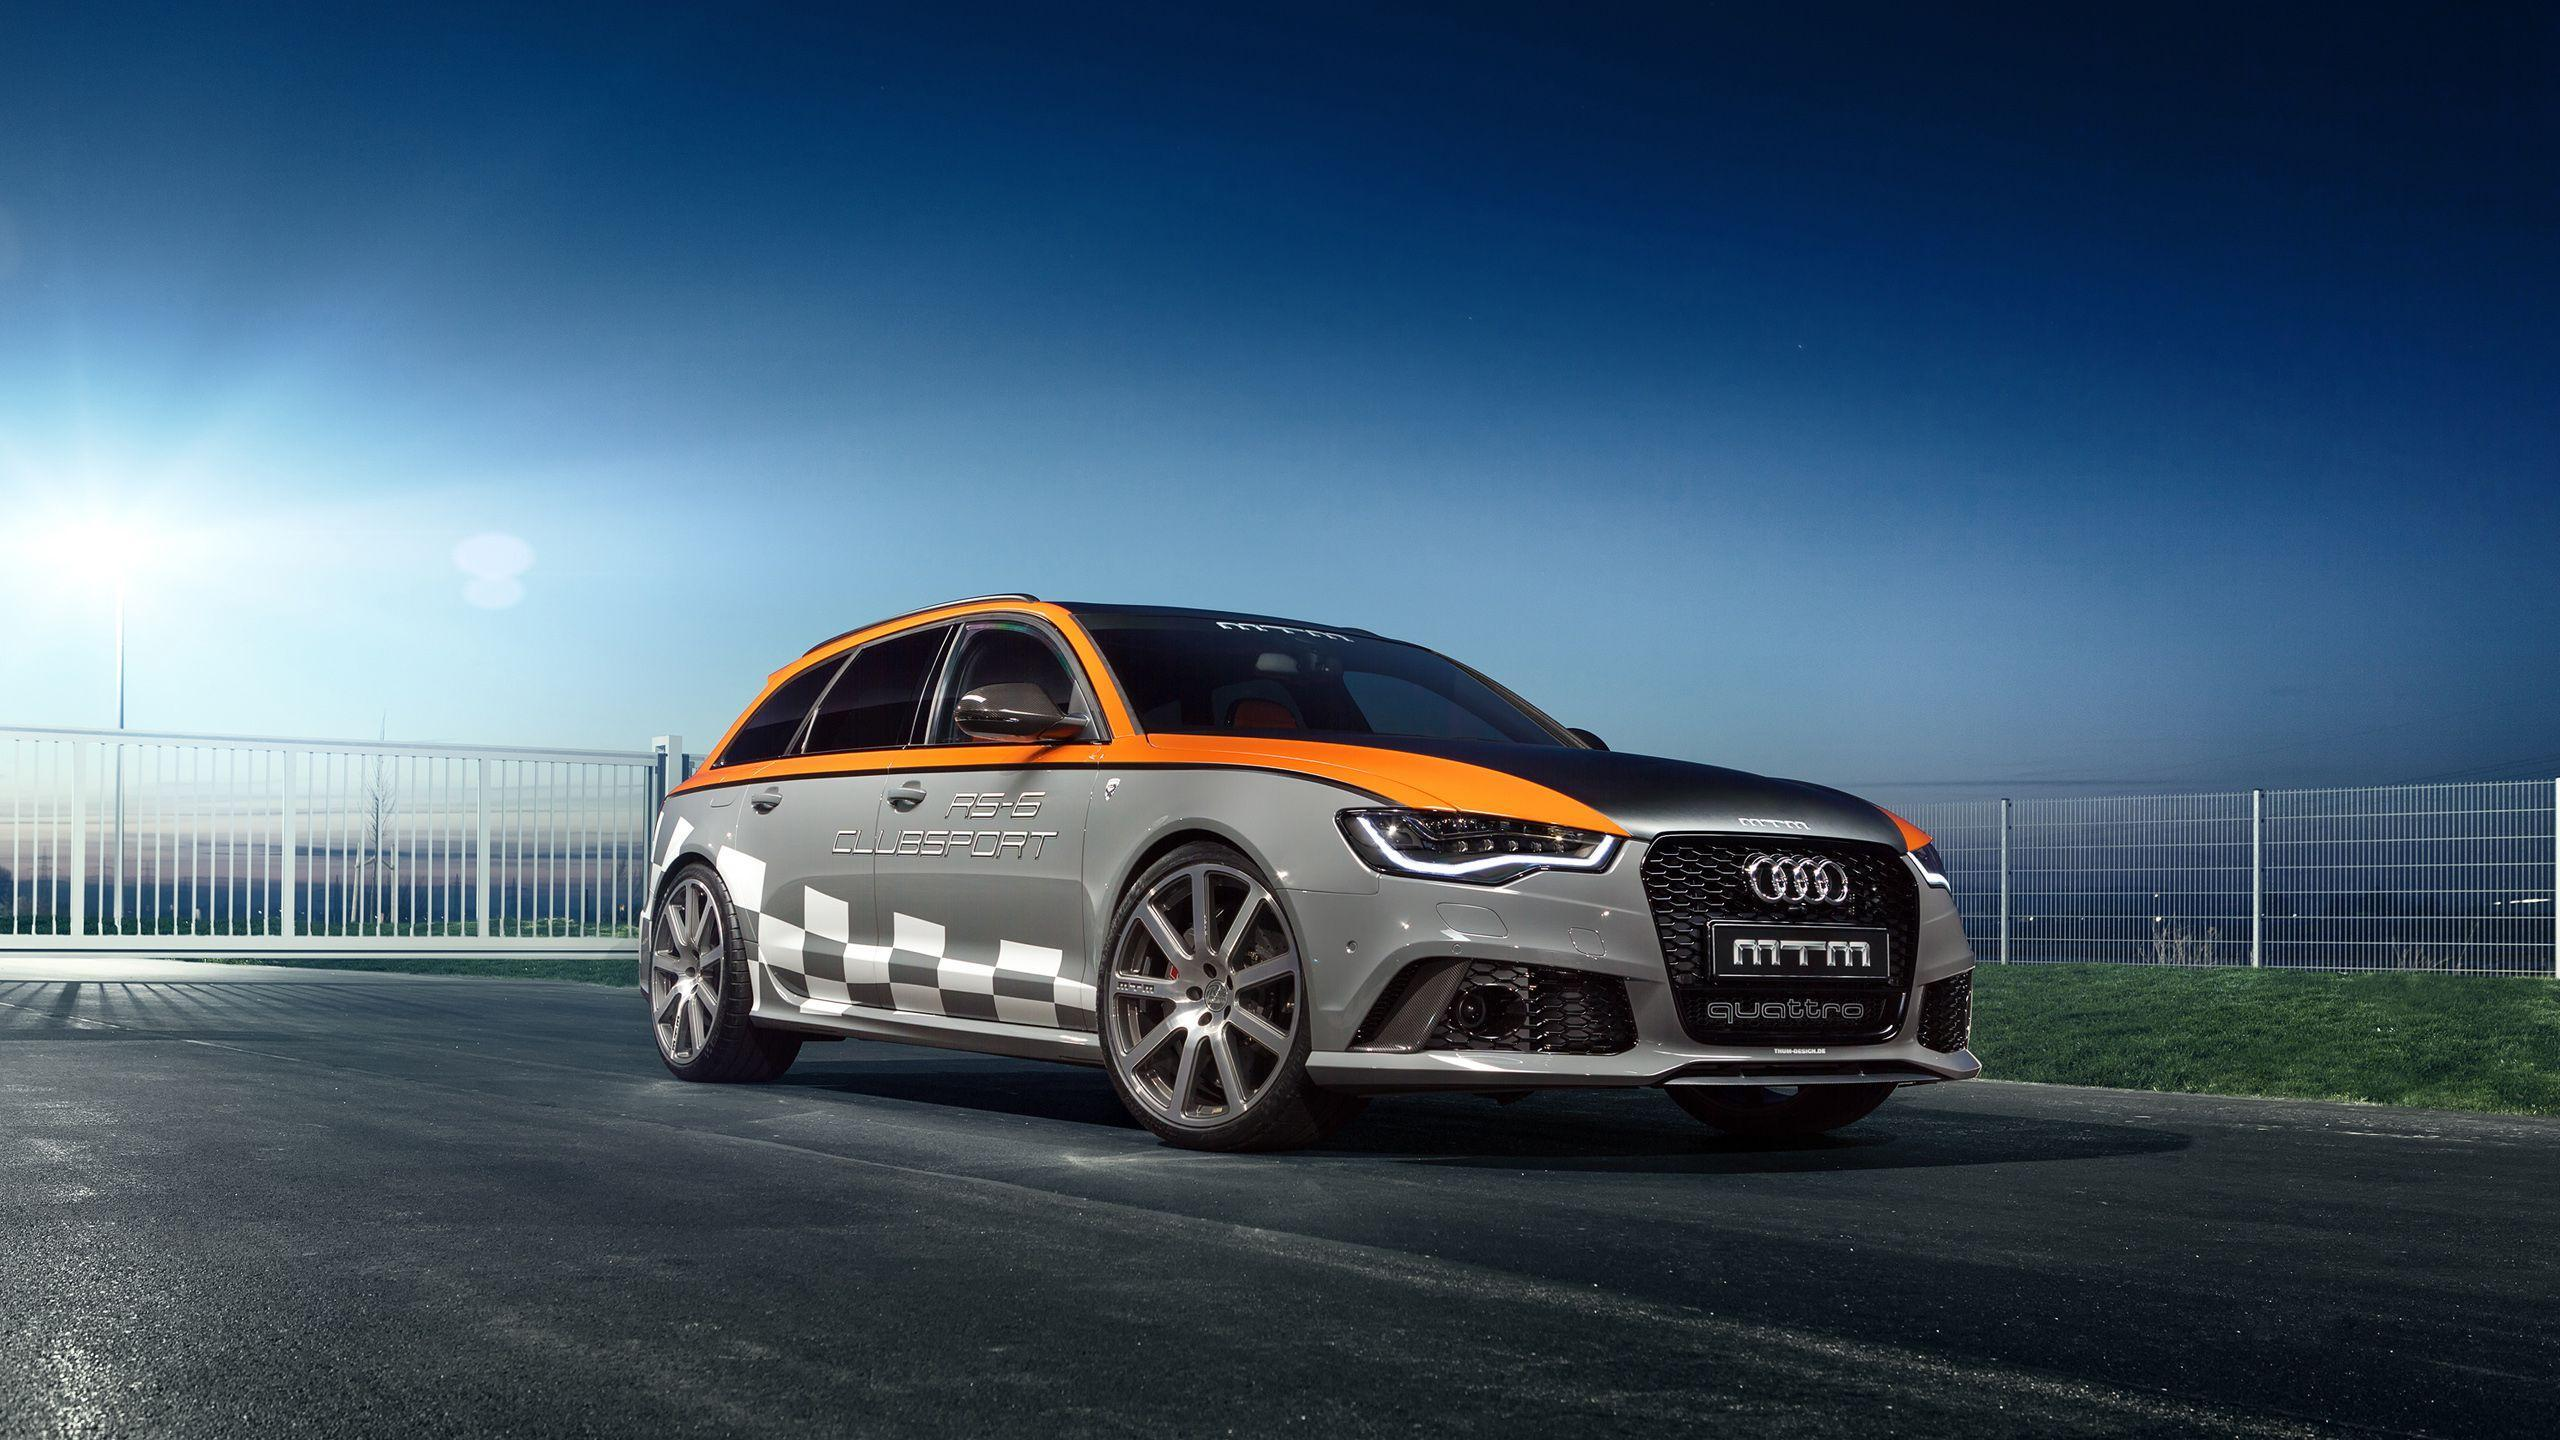 2015 MTM Audi RS6 Avant Wallpaper | HD Car Wallpapers